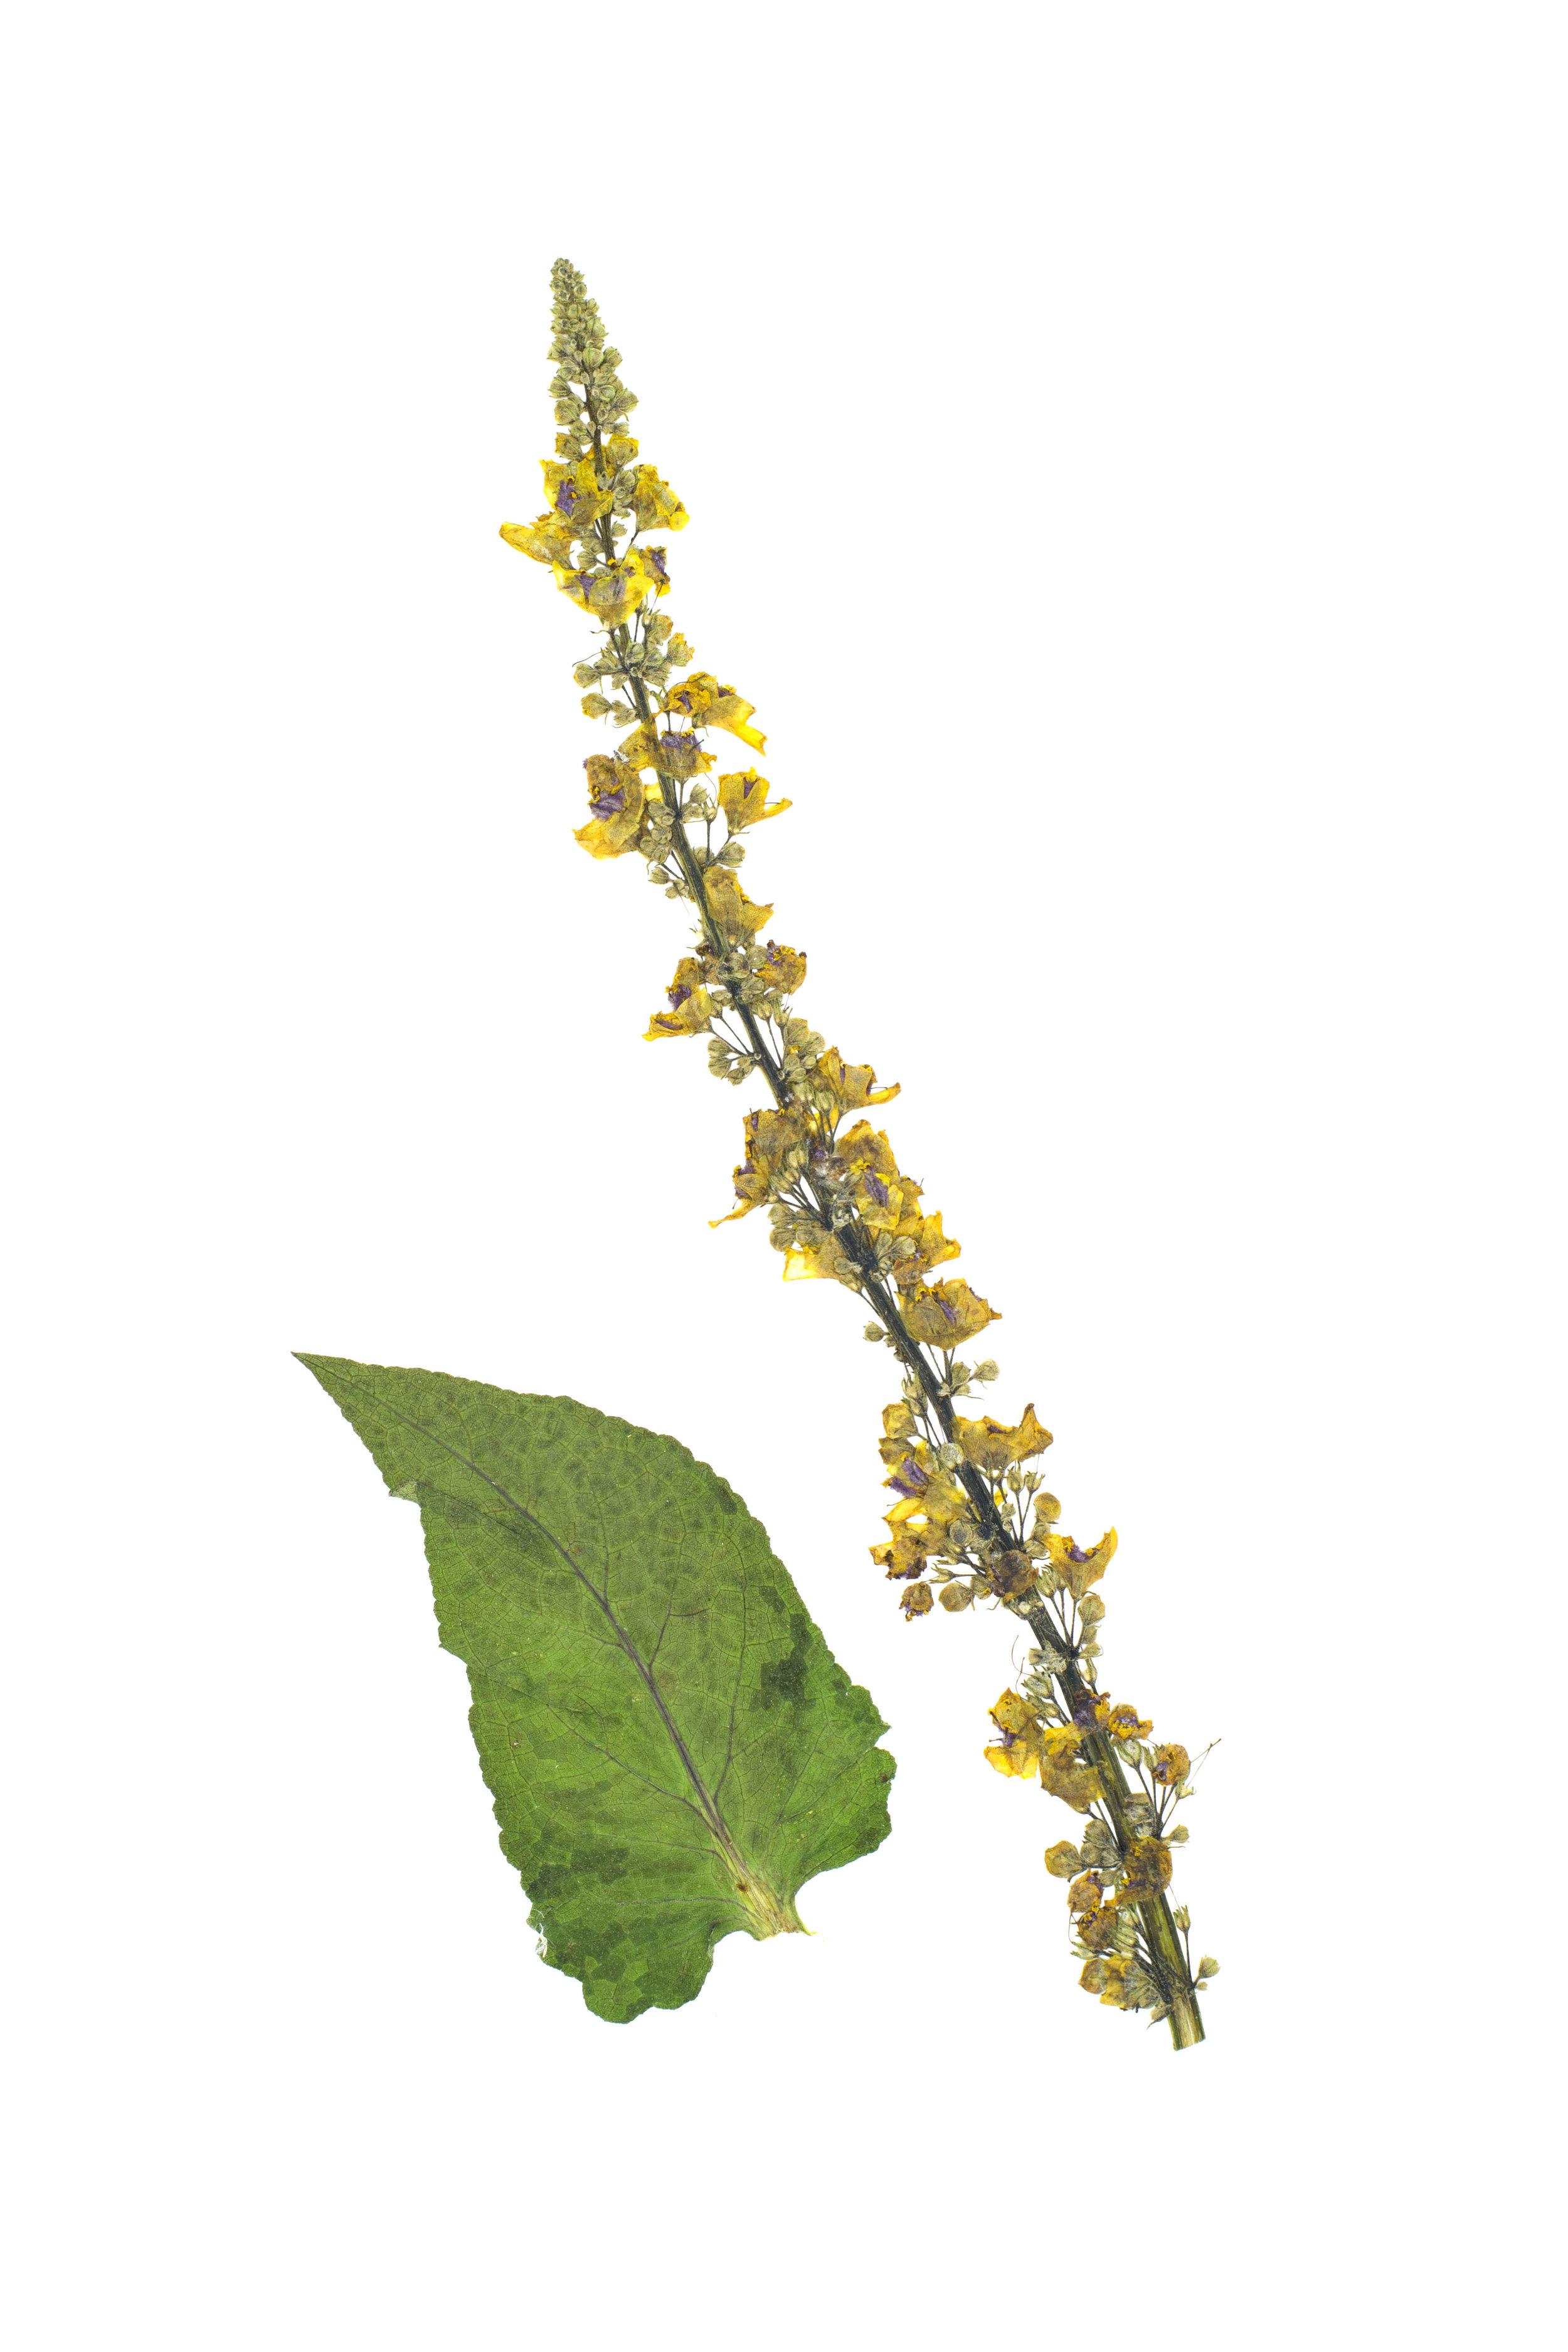 Black Mullien / Verbascum nigrum